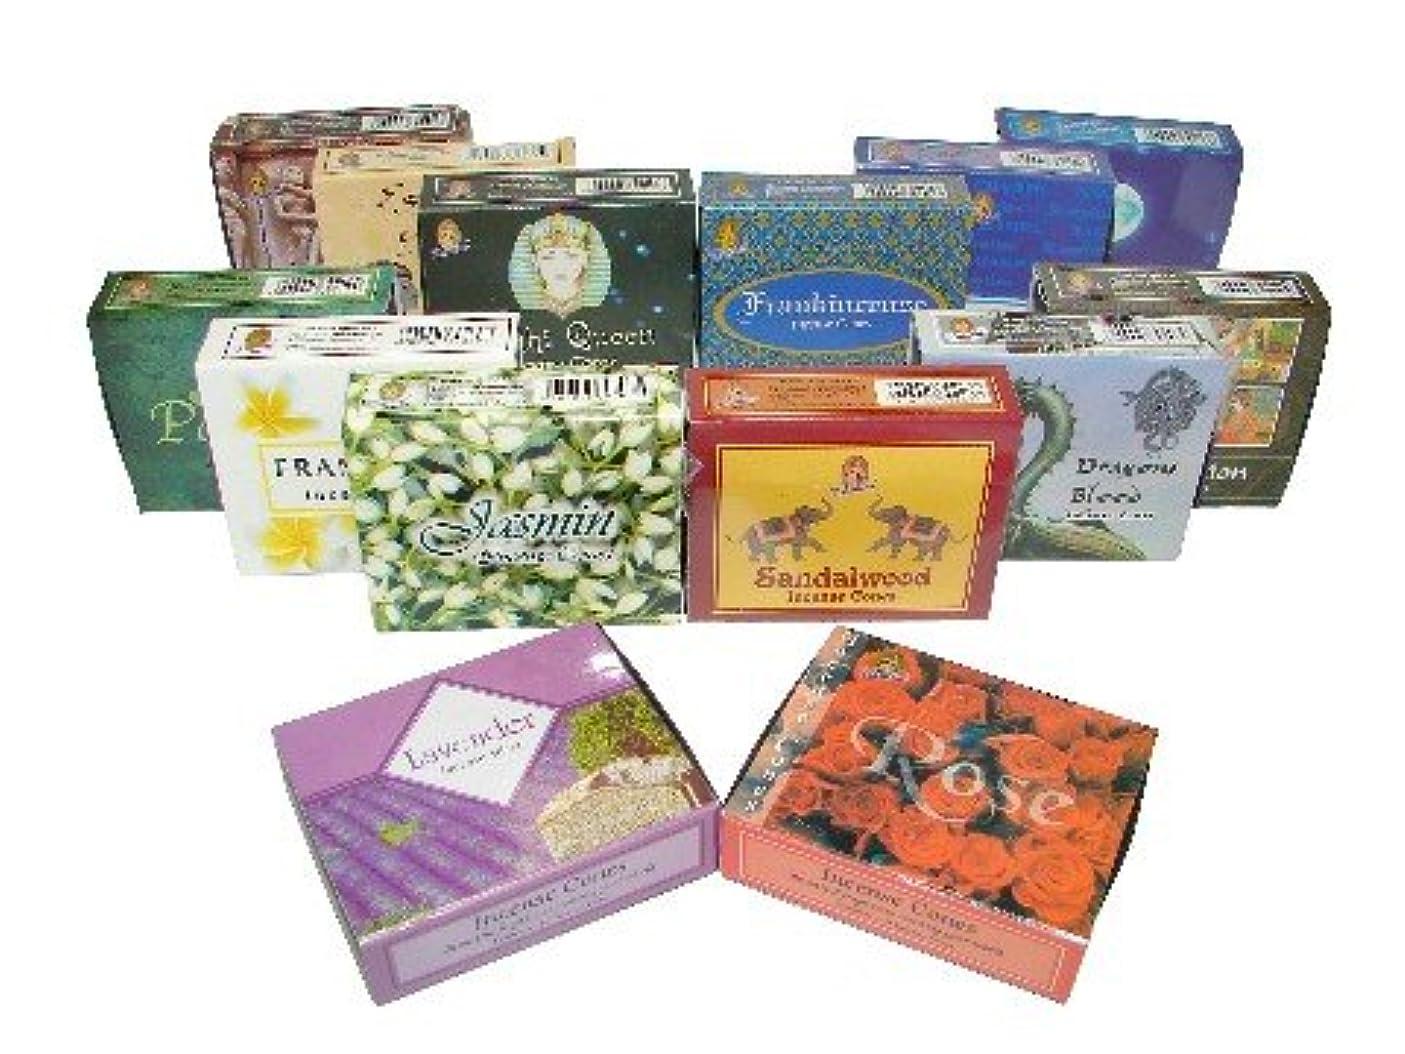 チューブ論争的たっぷり2 Boxes of Cone Incenses-Nag Champa